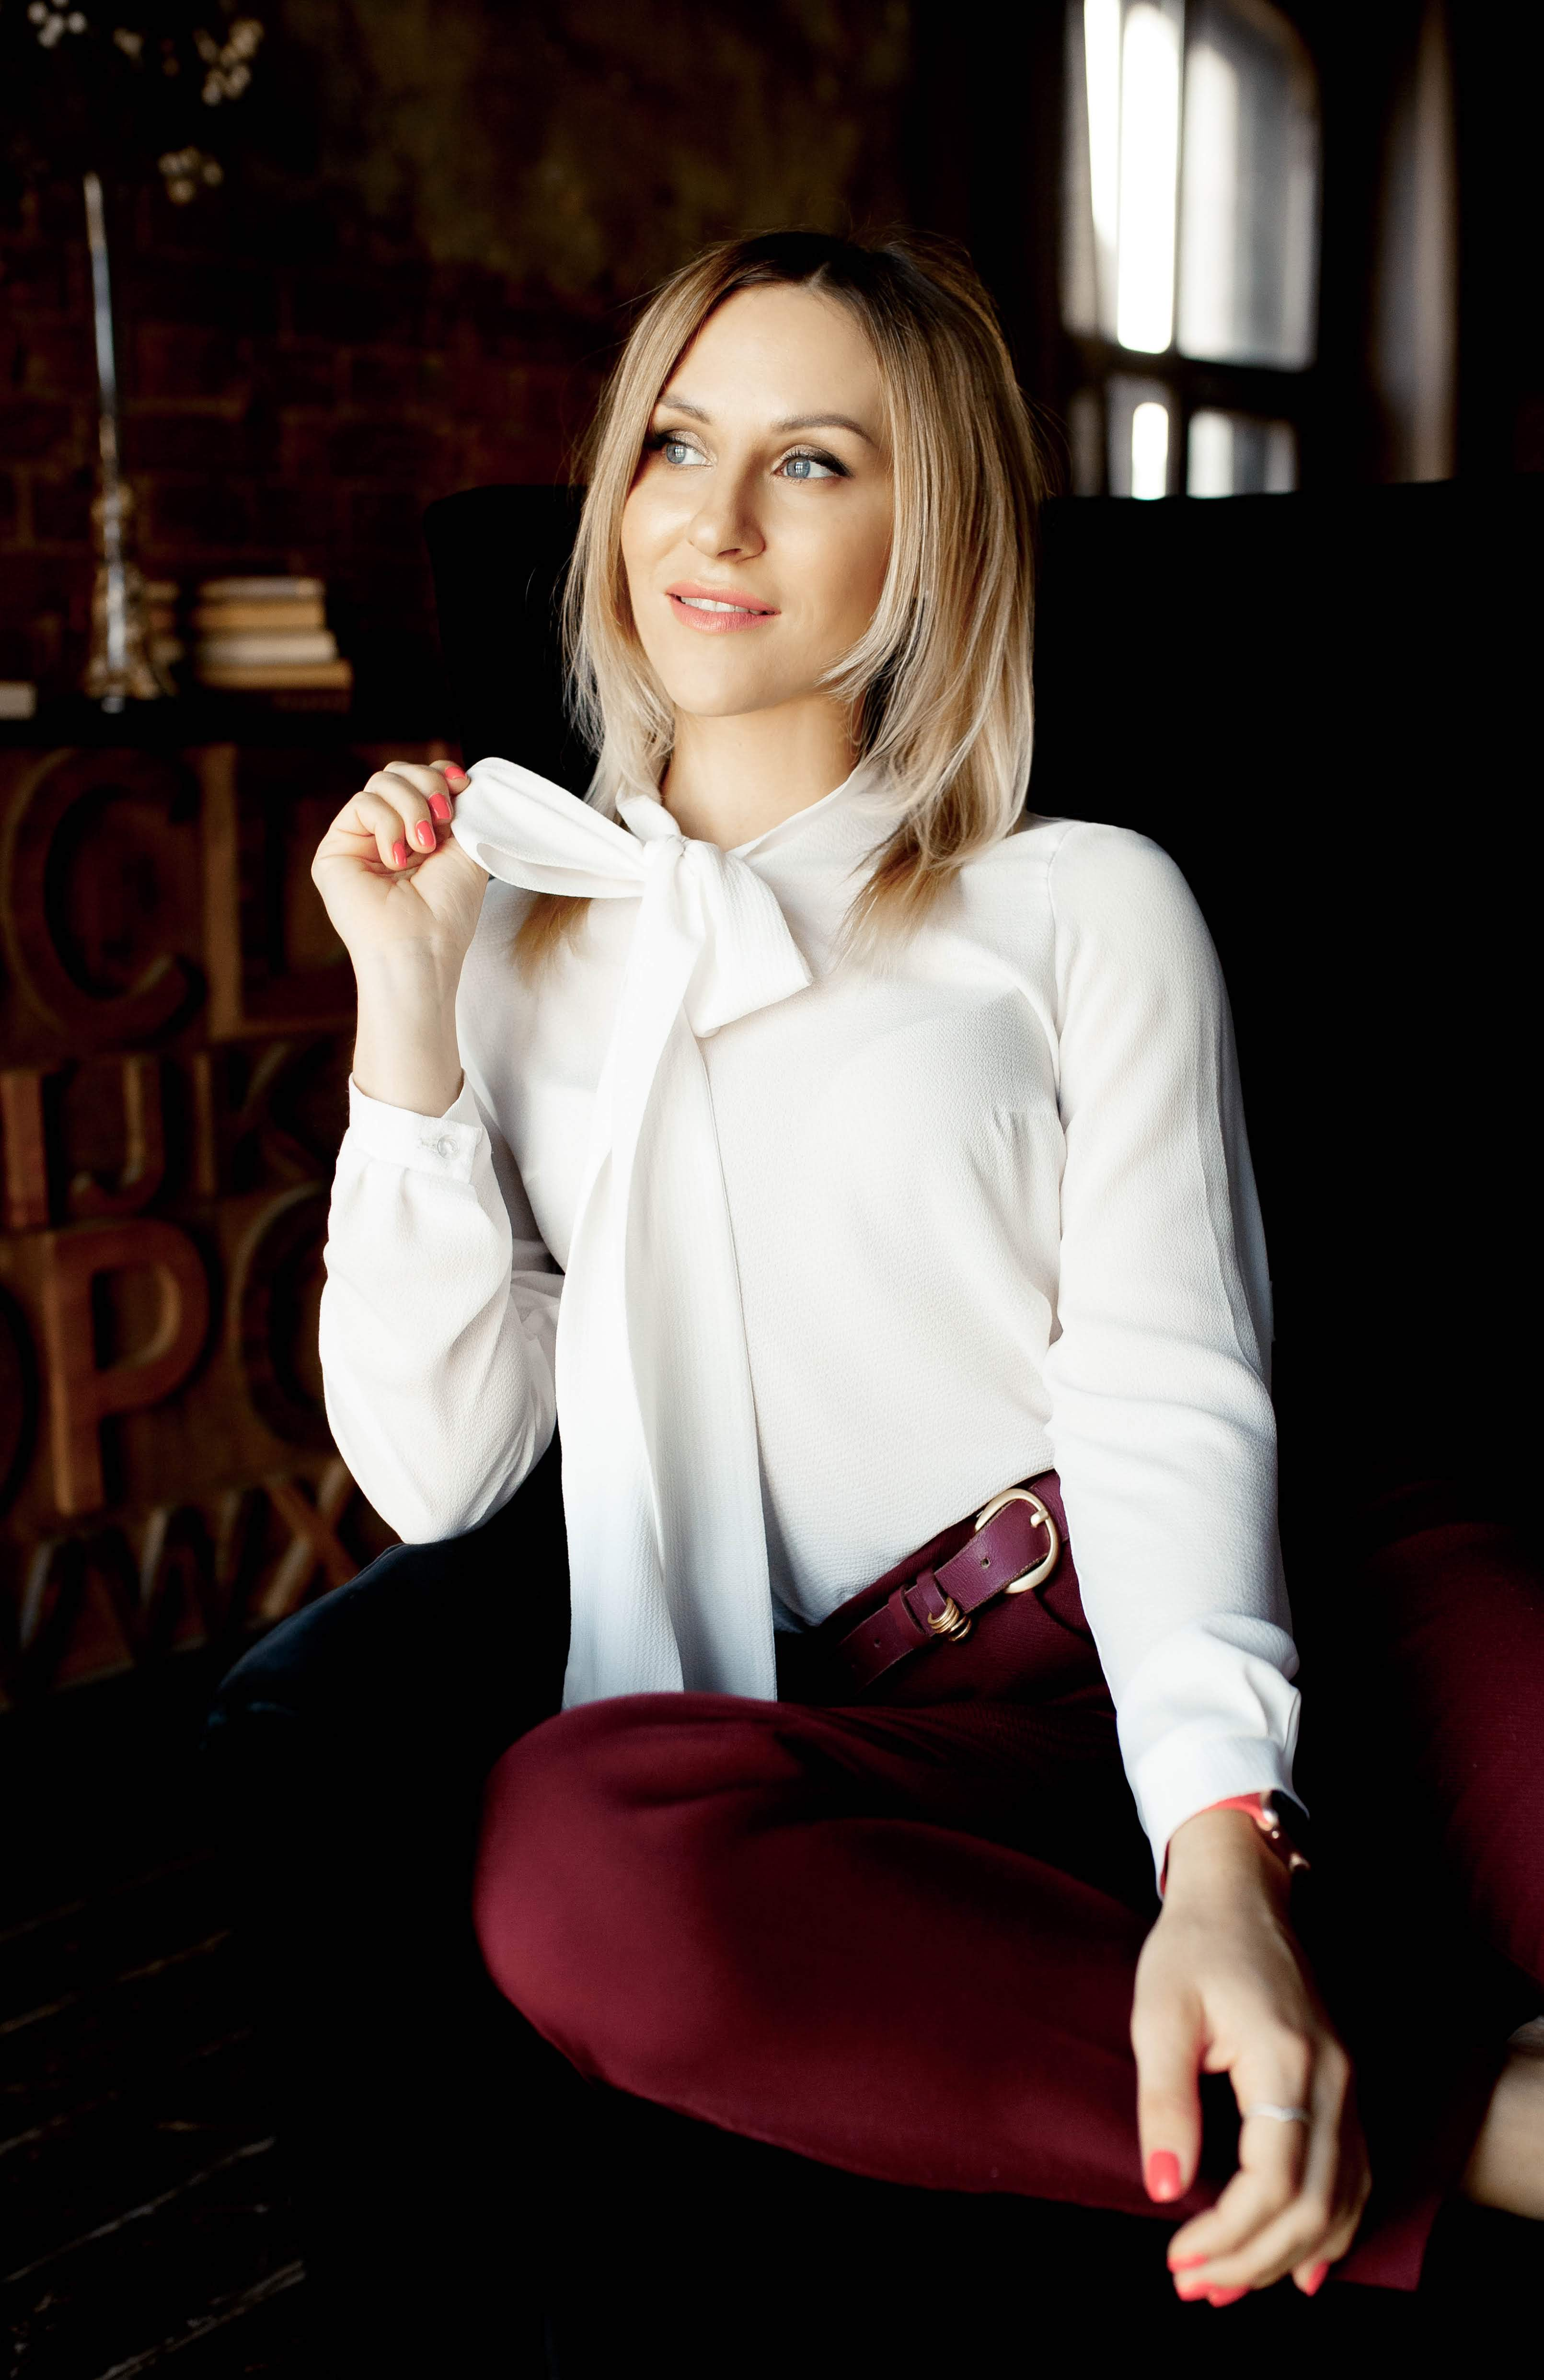 Agence matrimoniale rencontre de Maria  femme célibataire de 34 ans, Annemasse.